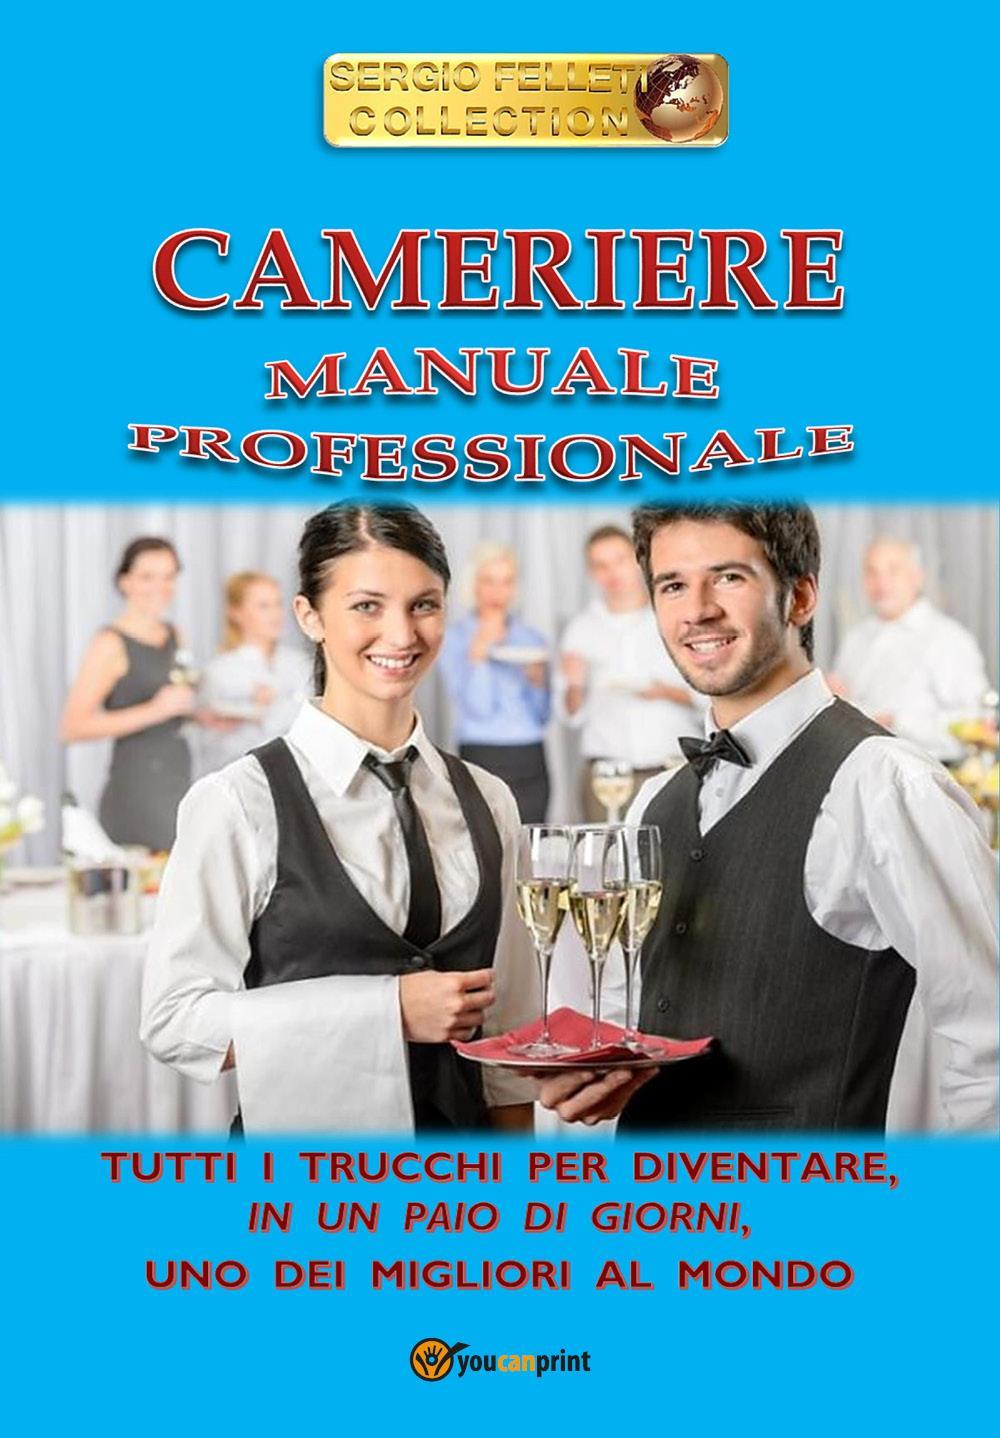 Cameriere – Corso professionale